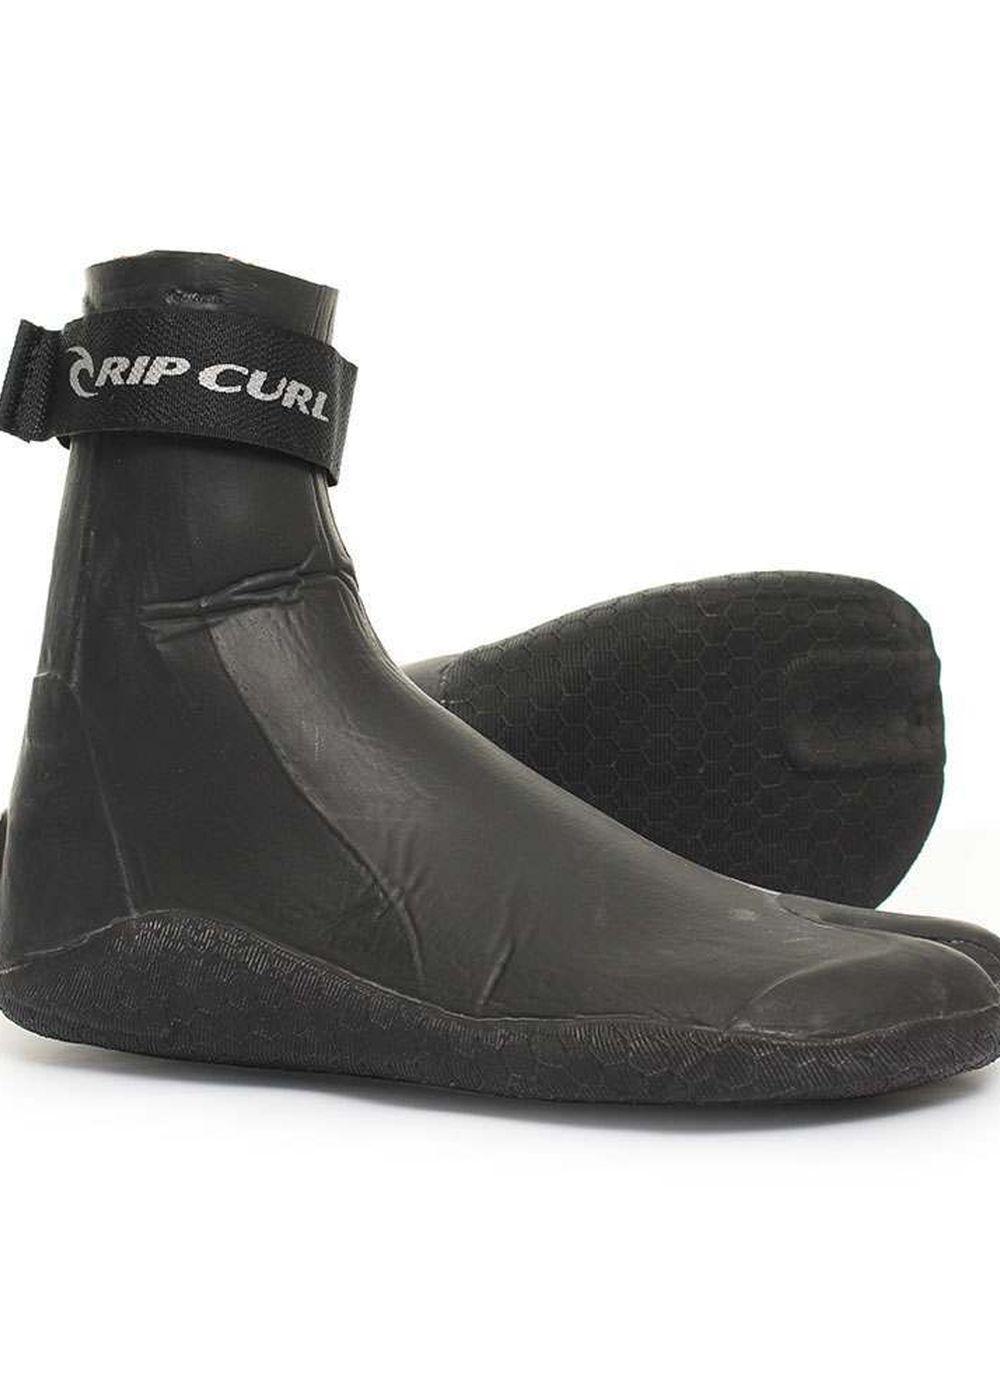 Ripcurl Rubber Soul Plus 3mm Wetsuit Boots Picture